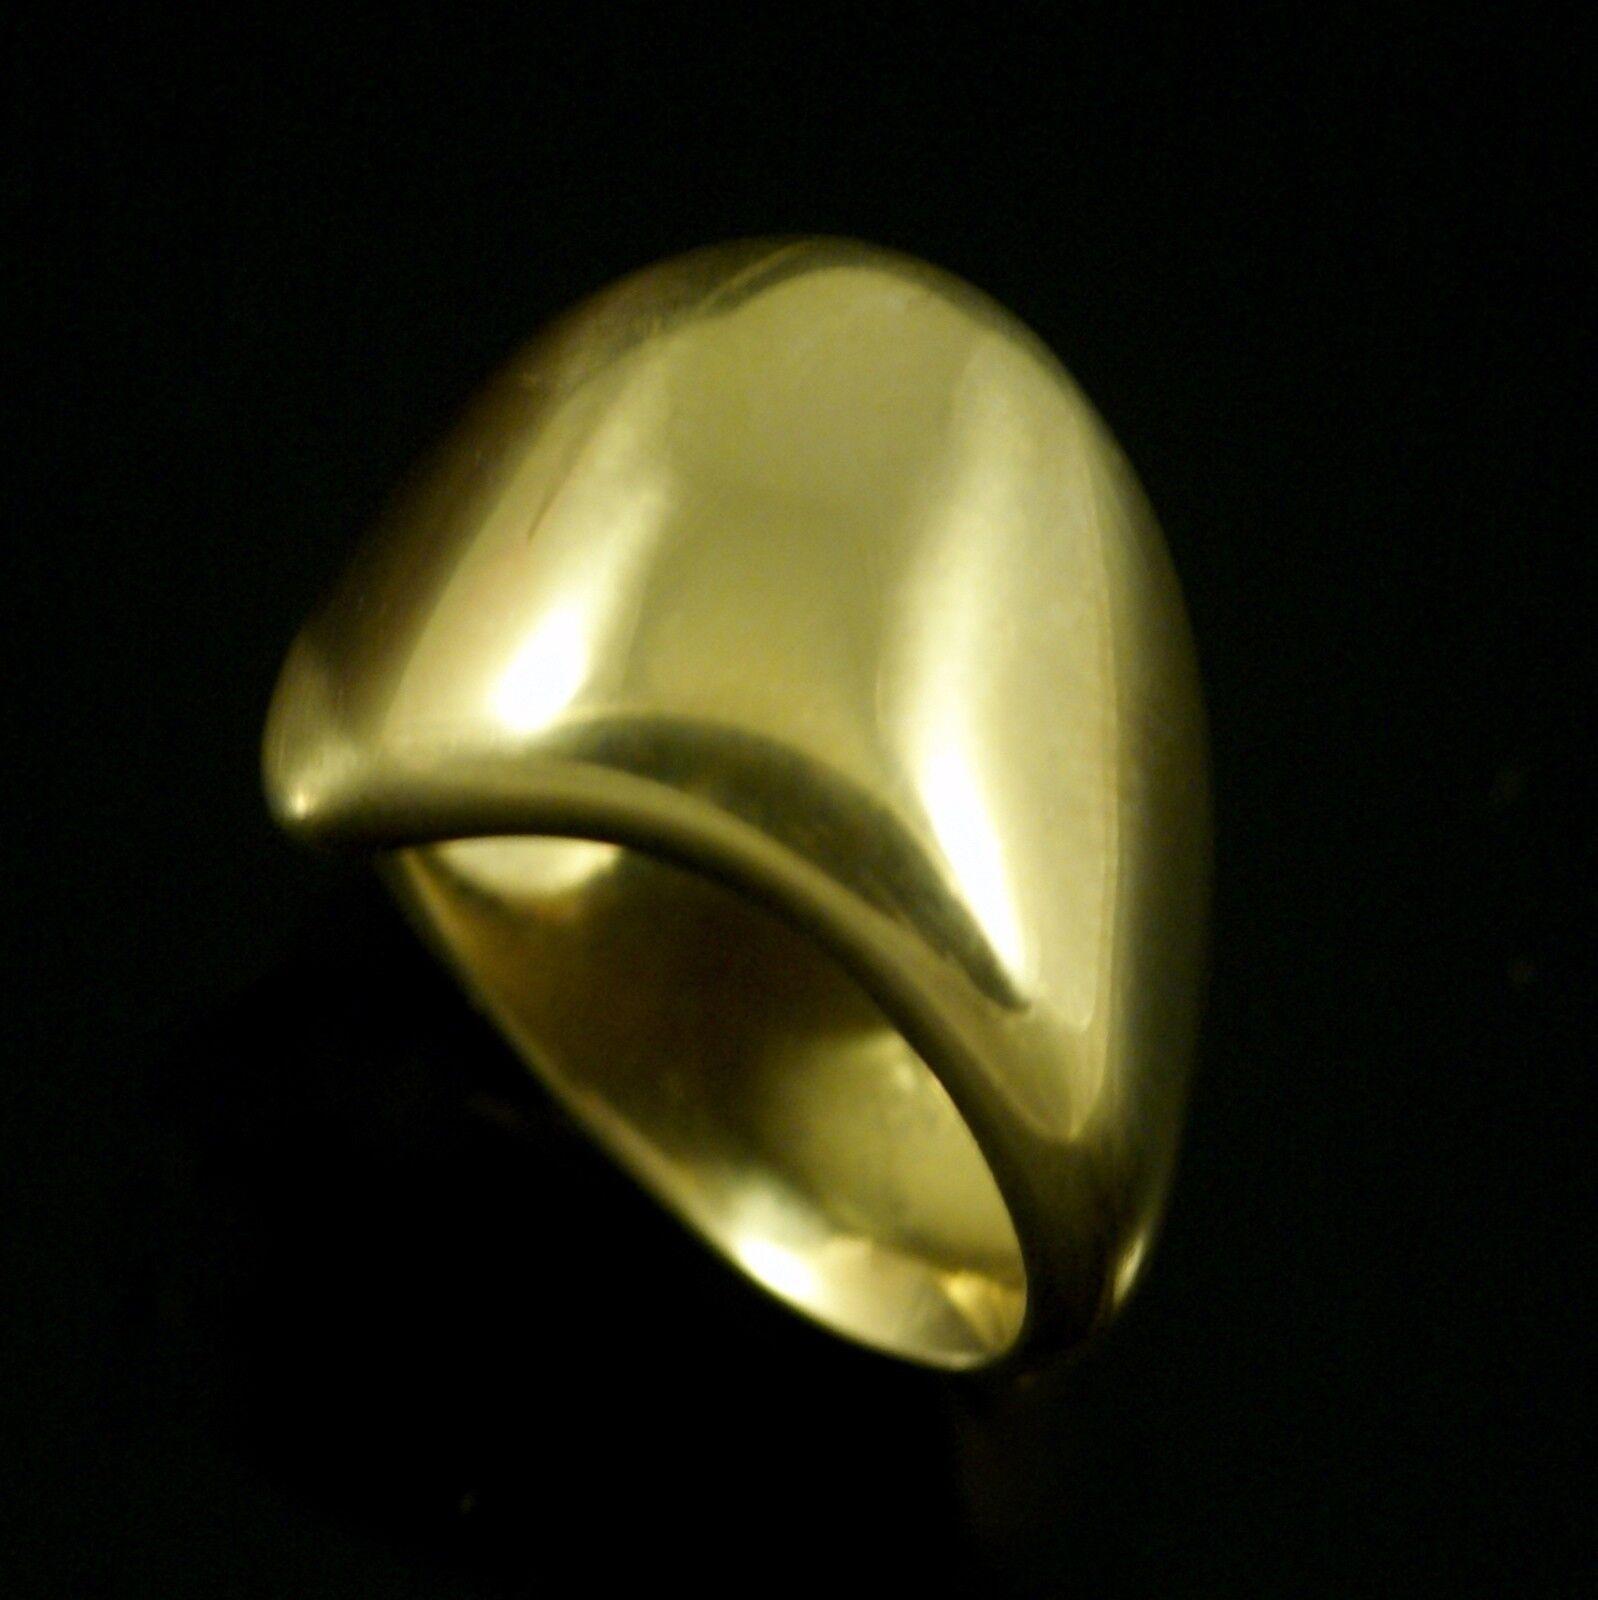 Georg Jensen 18k gold Right Little Finger Ring Minas Spiridis